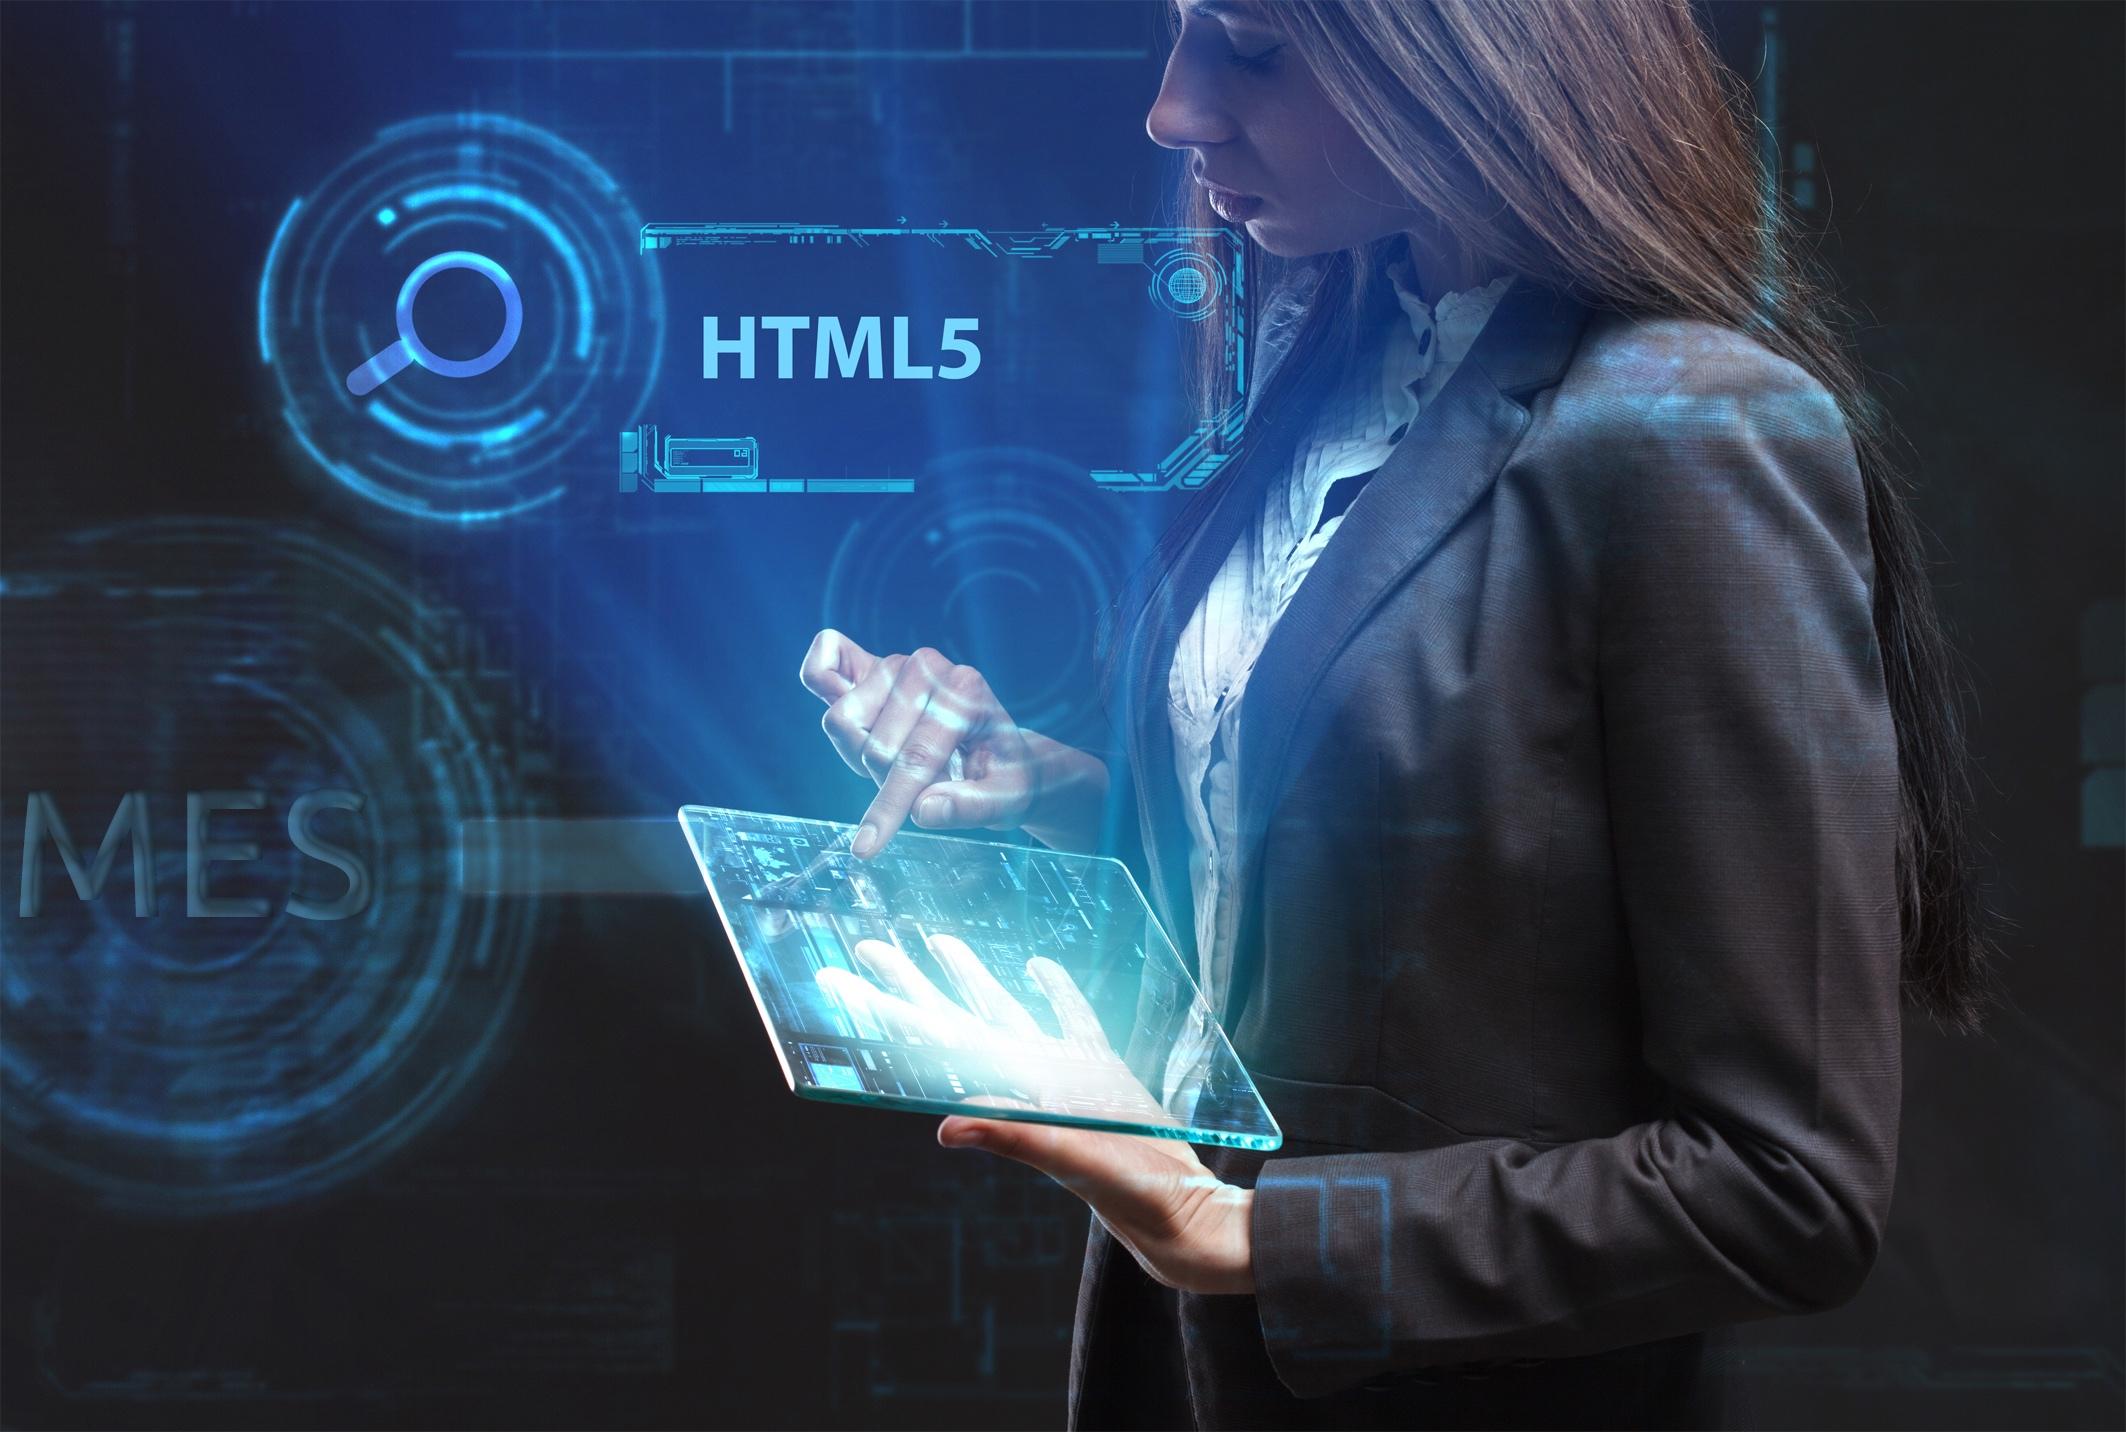 iTAC auf der HANNOVER MESSE 2018: MES mit verstärktem Fokus auf HTML5-Clients